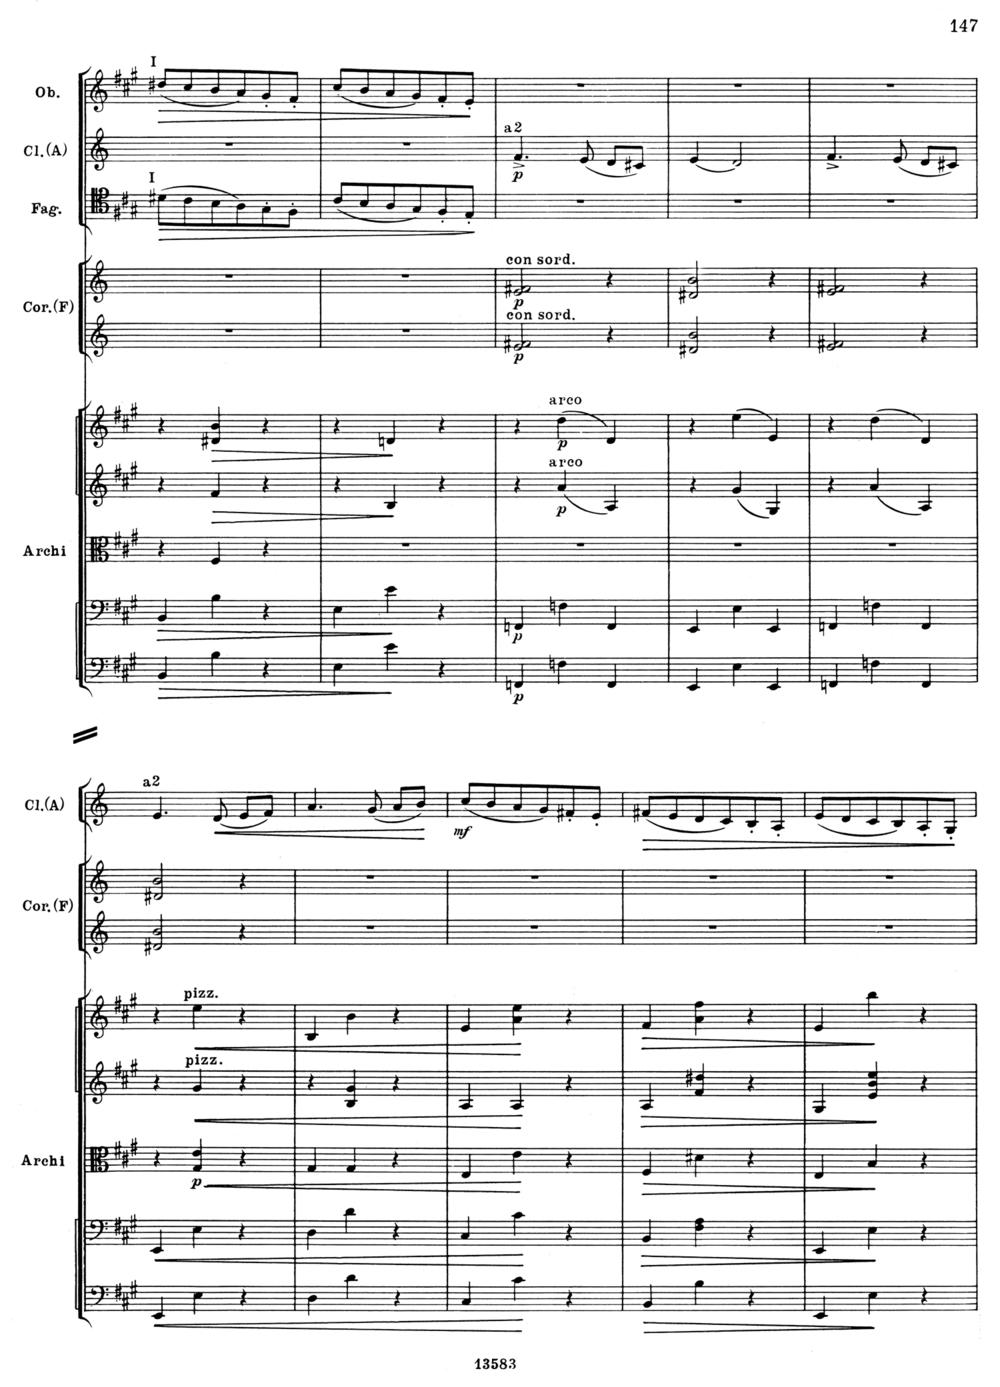 Tchaikovsky 5 Mvt 3 Score 2.jpg